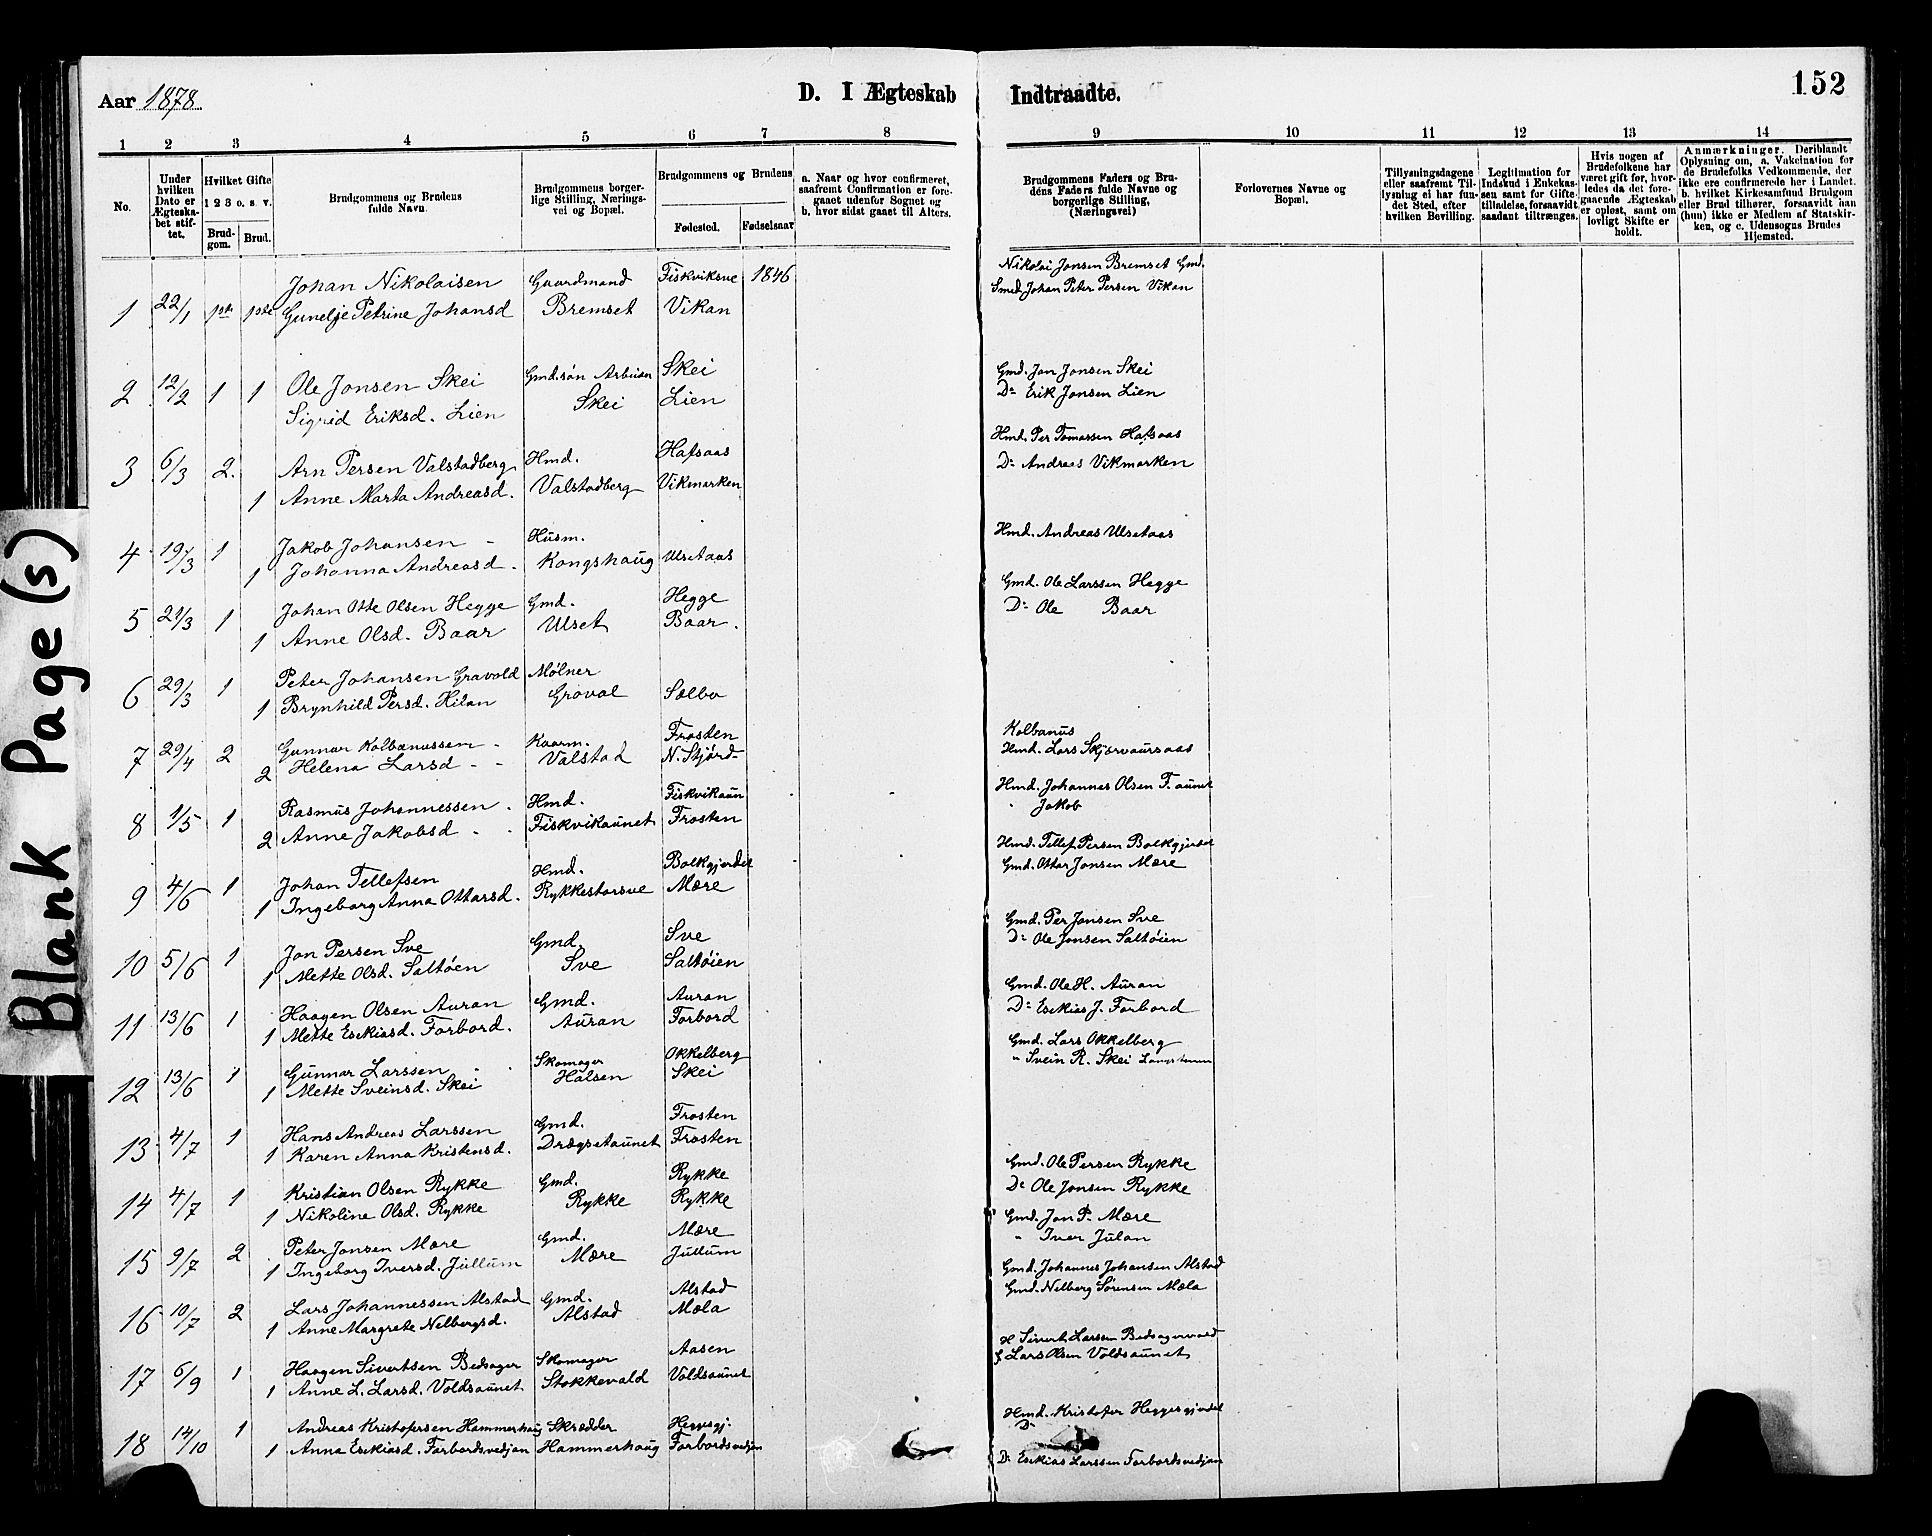 SAT, Ministerialprotokoller, klokkerbøker og fødselsregistre - Nord-Trøndelag, 712/L0103: Klokkerbok nr. 712C01, 1878-1917, s. 152